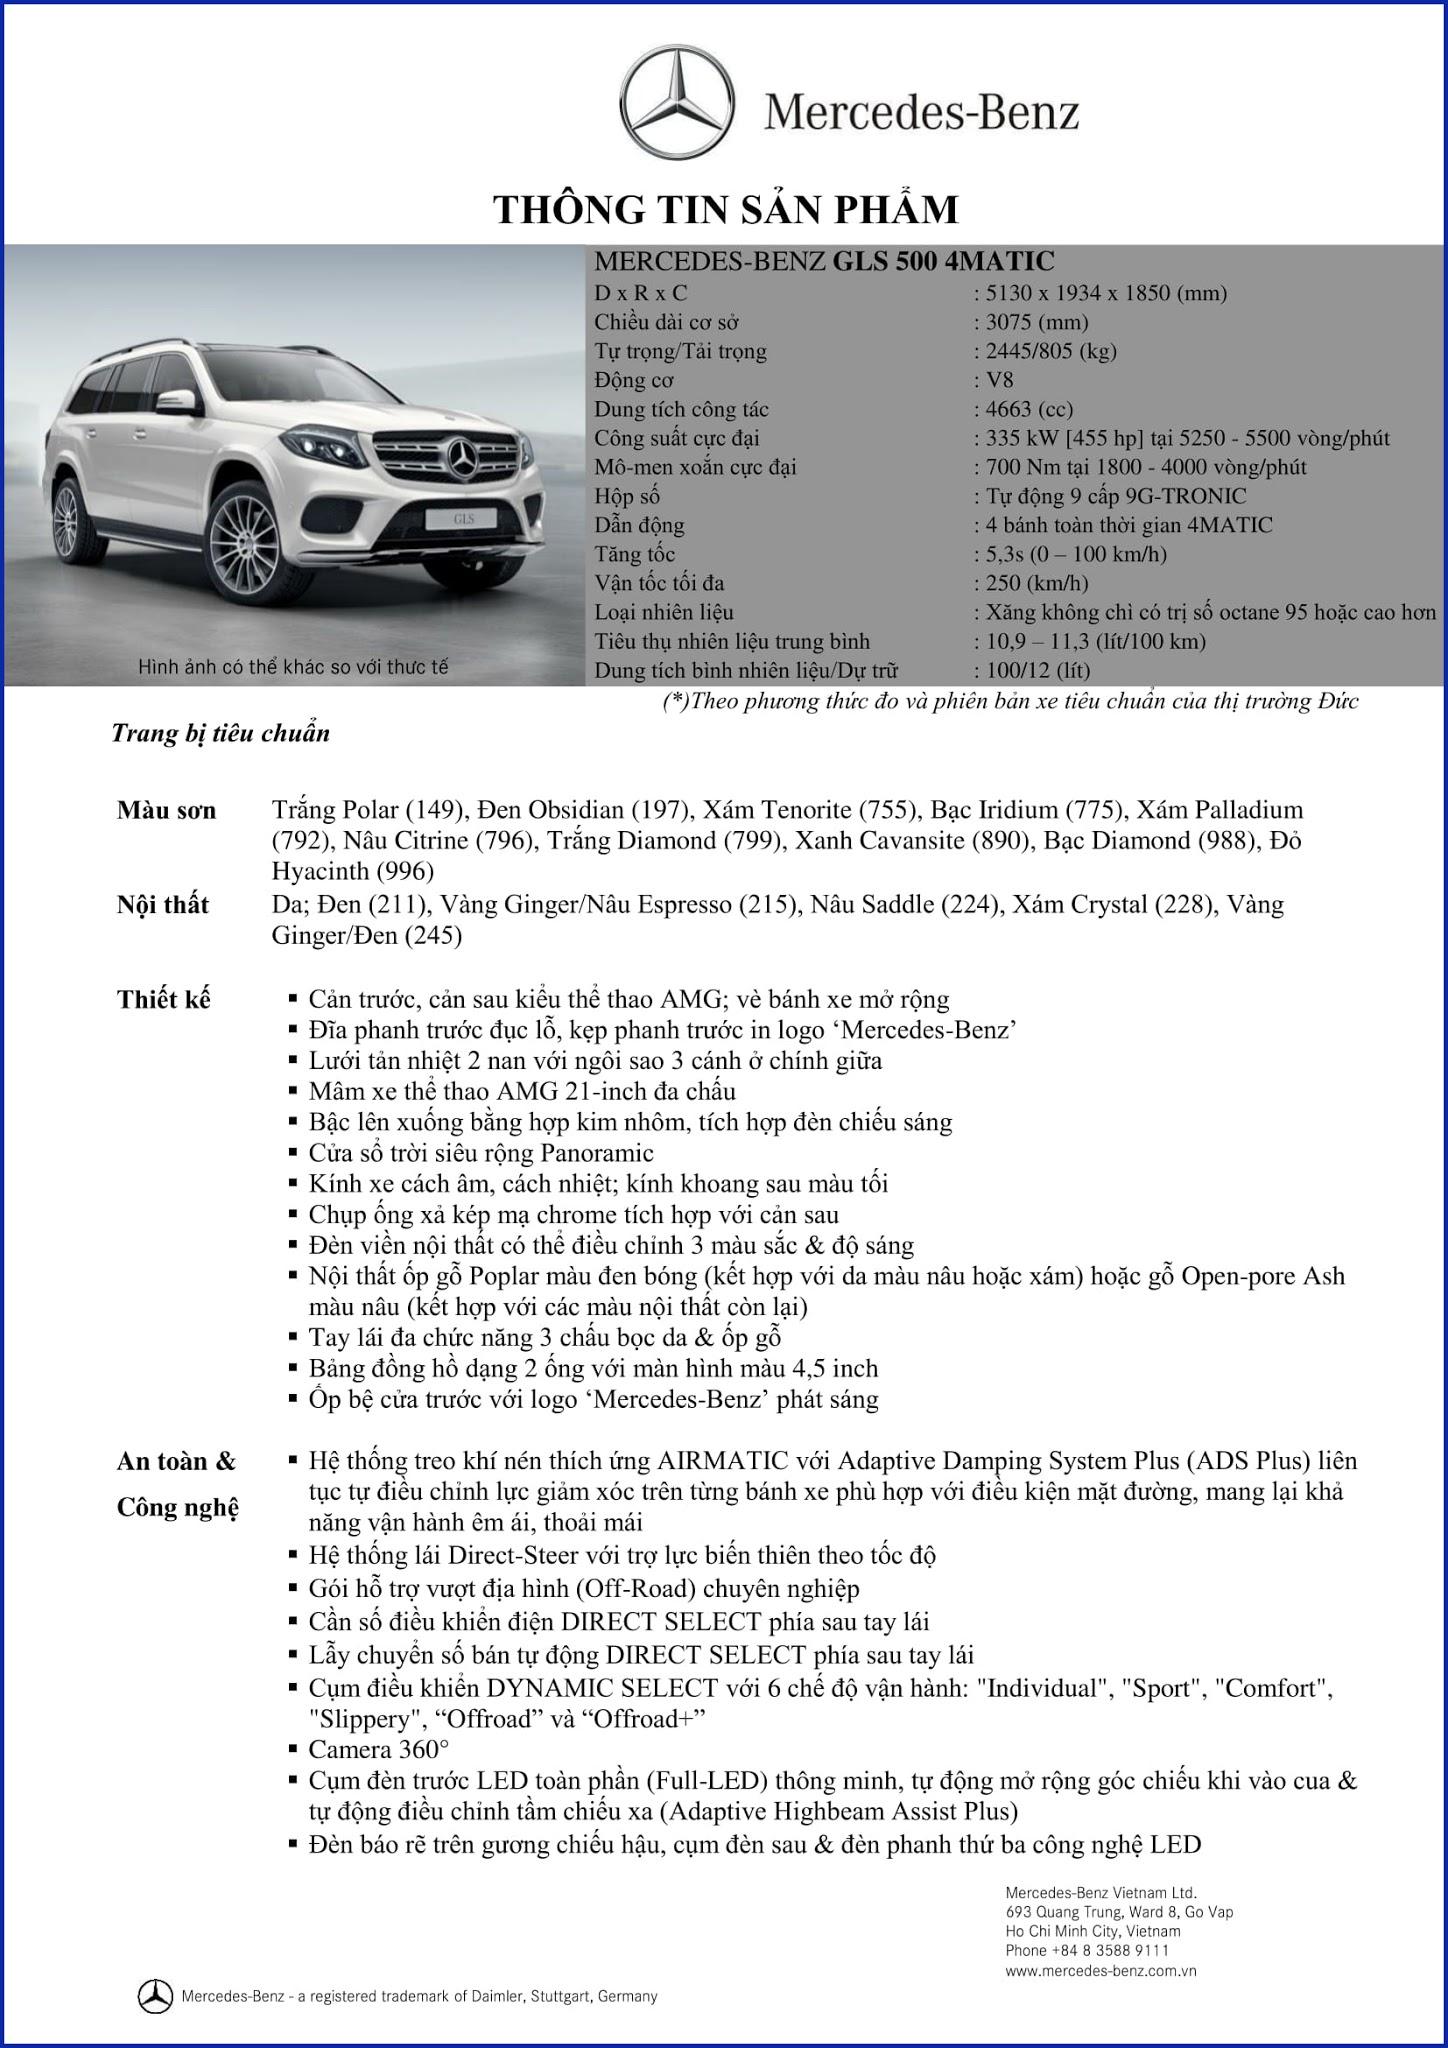 Bảng thông số kỹ thuật Mercedes GLS 500 4MATIC 2019 tại Mercedes Trường Chinh